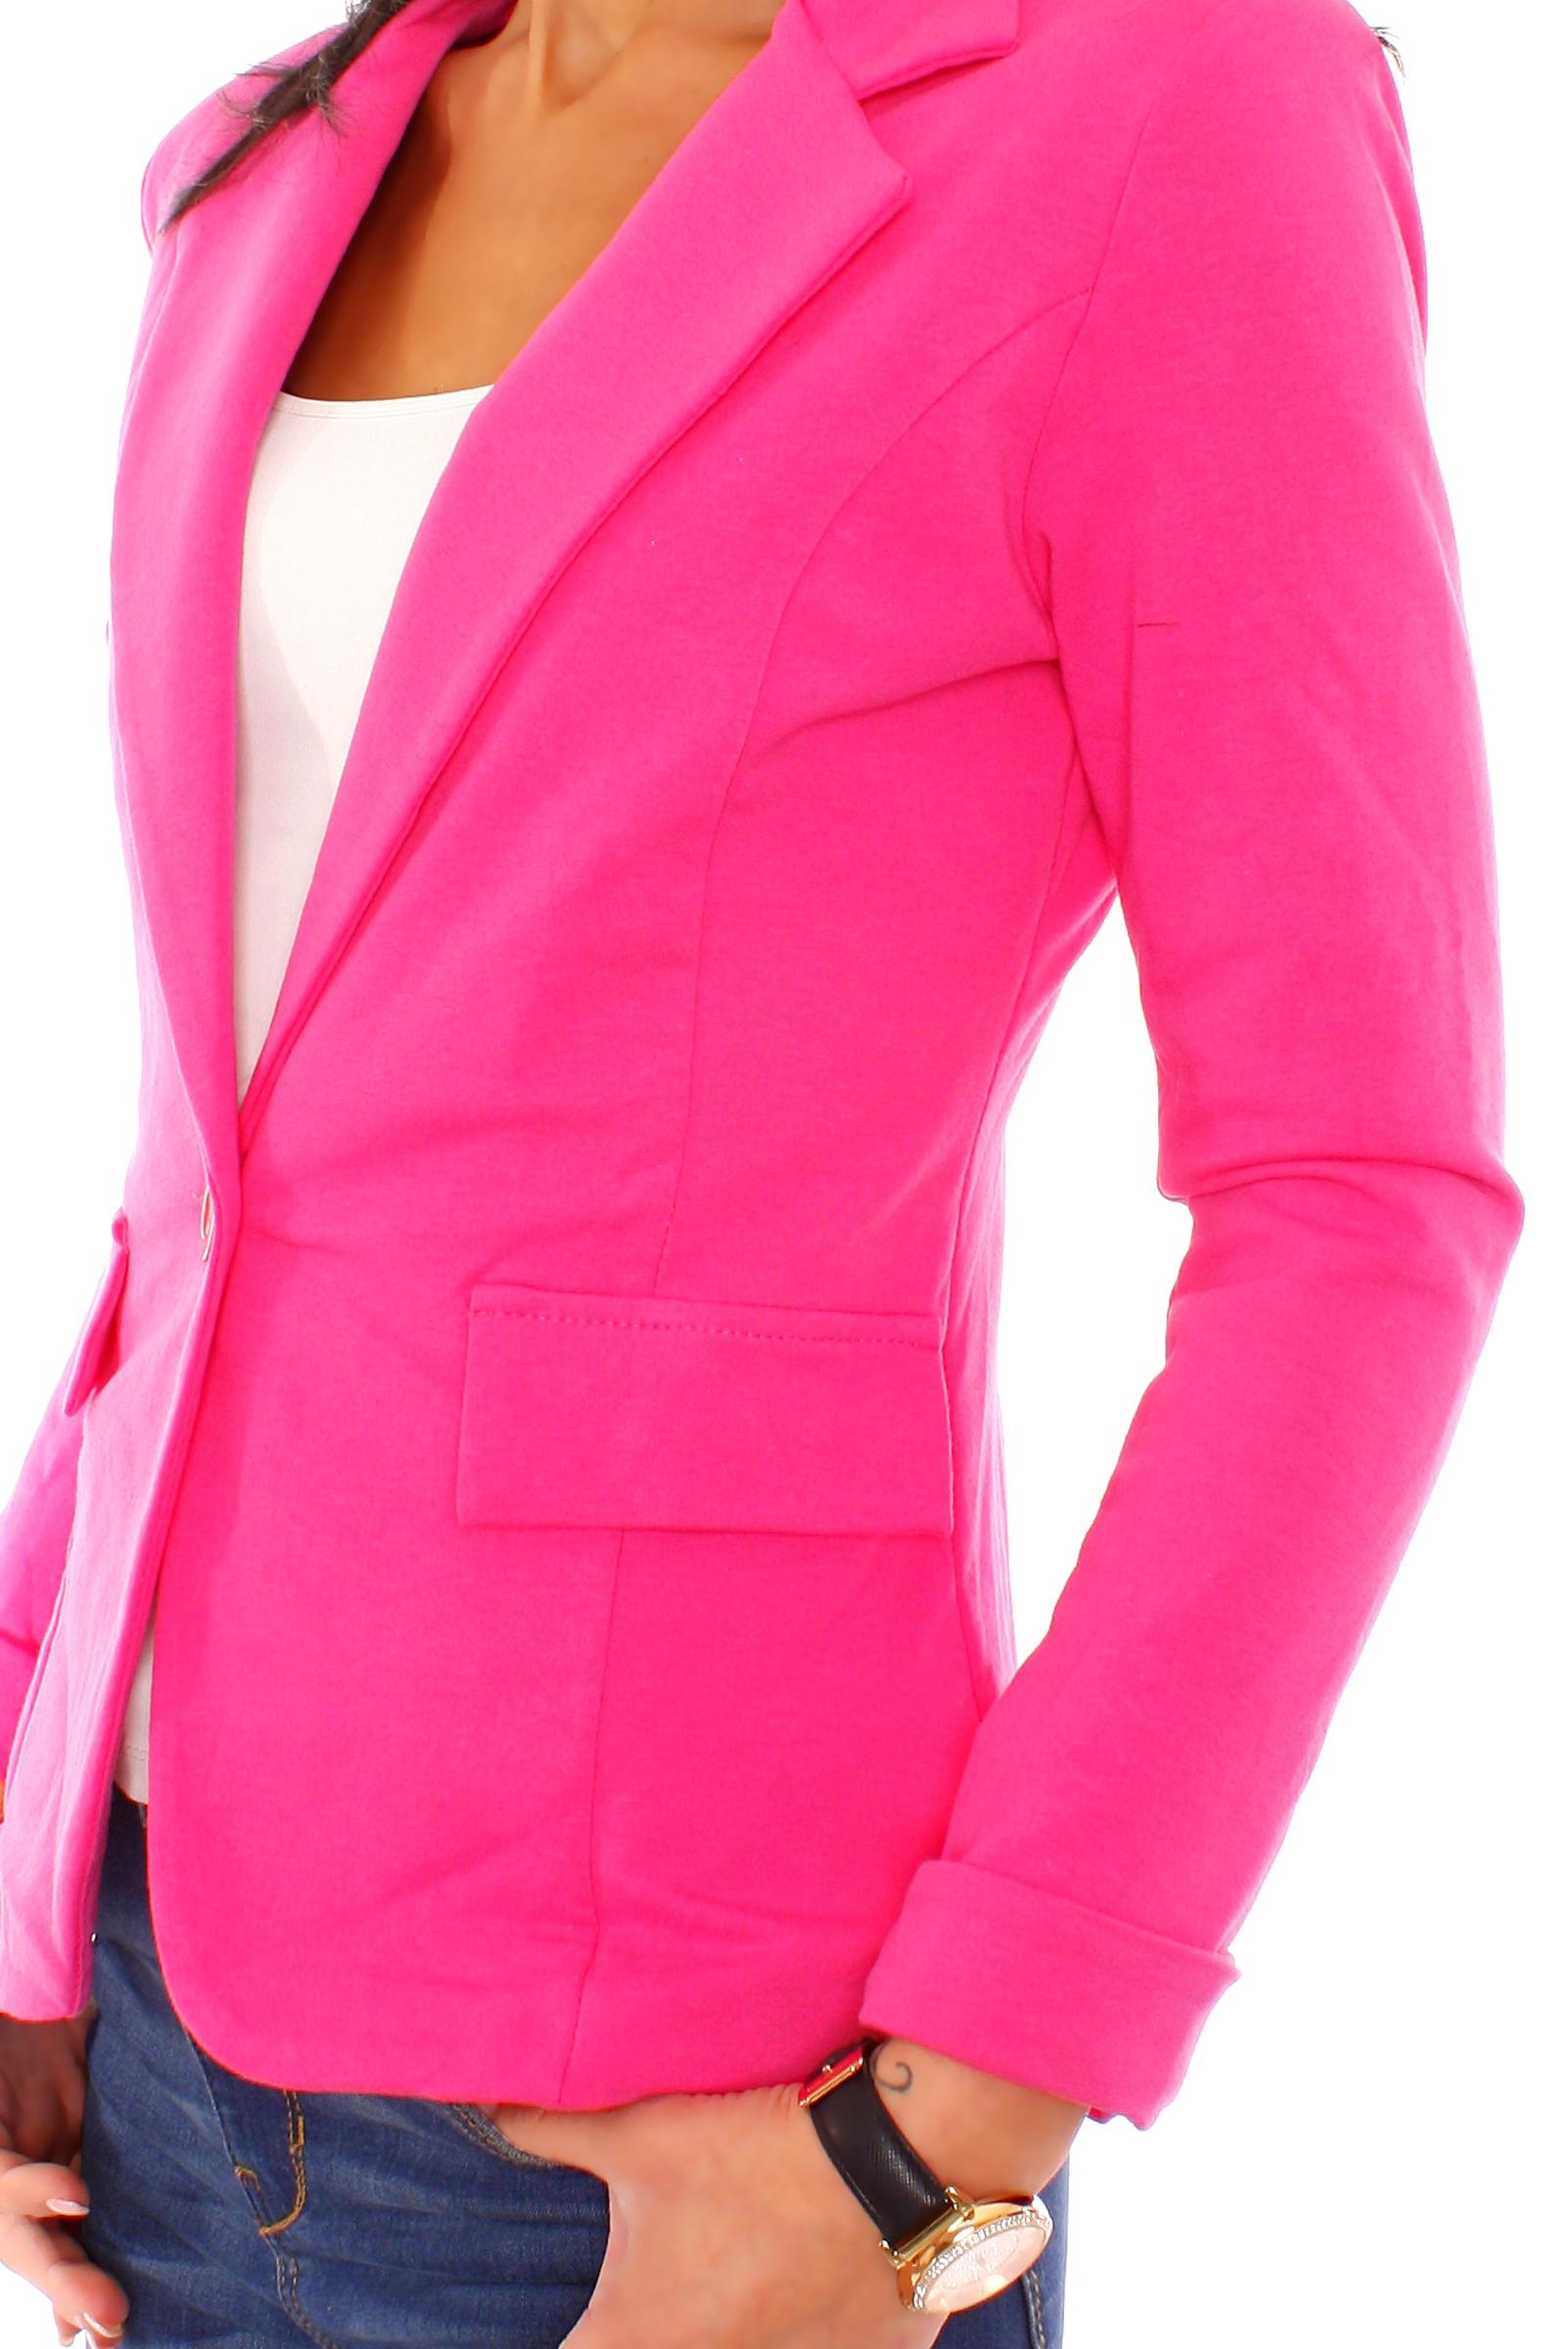 Damen Blazer Freizeitblazer Sakko Jacke Sweatblazer Jerseyblazer Gefüttert Uni